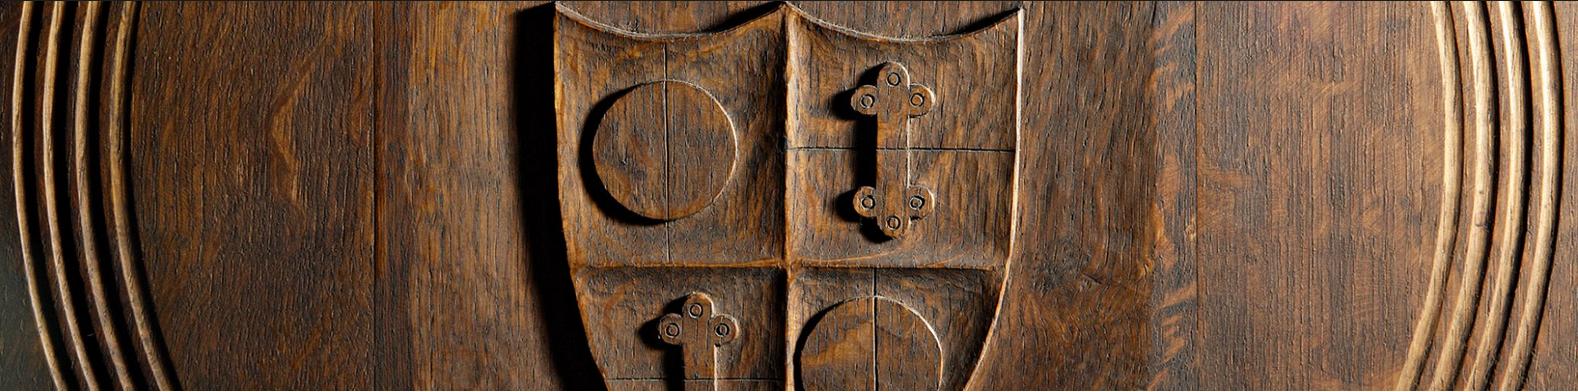 Holzfass-Inschrift